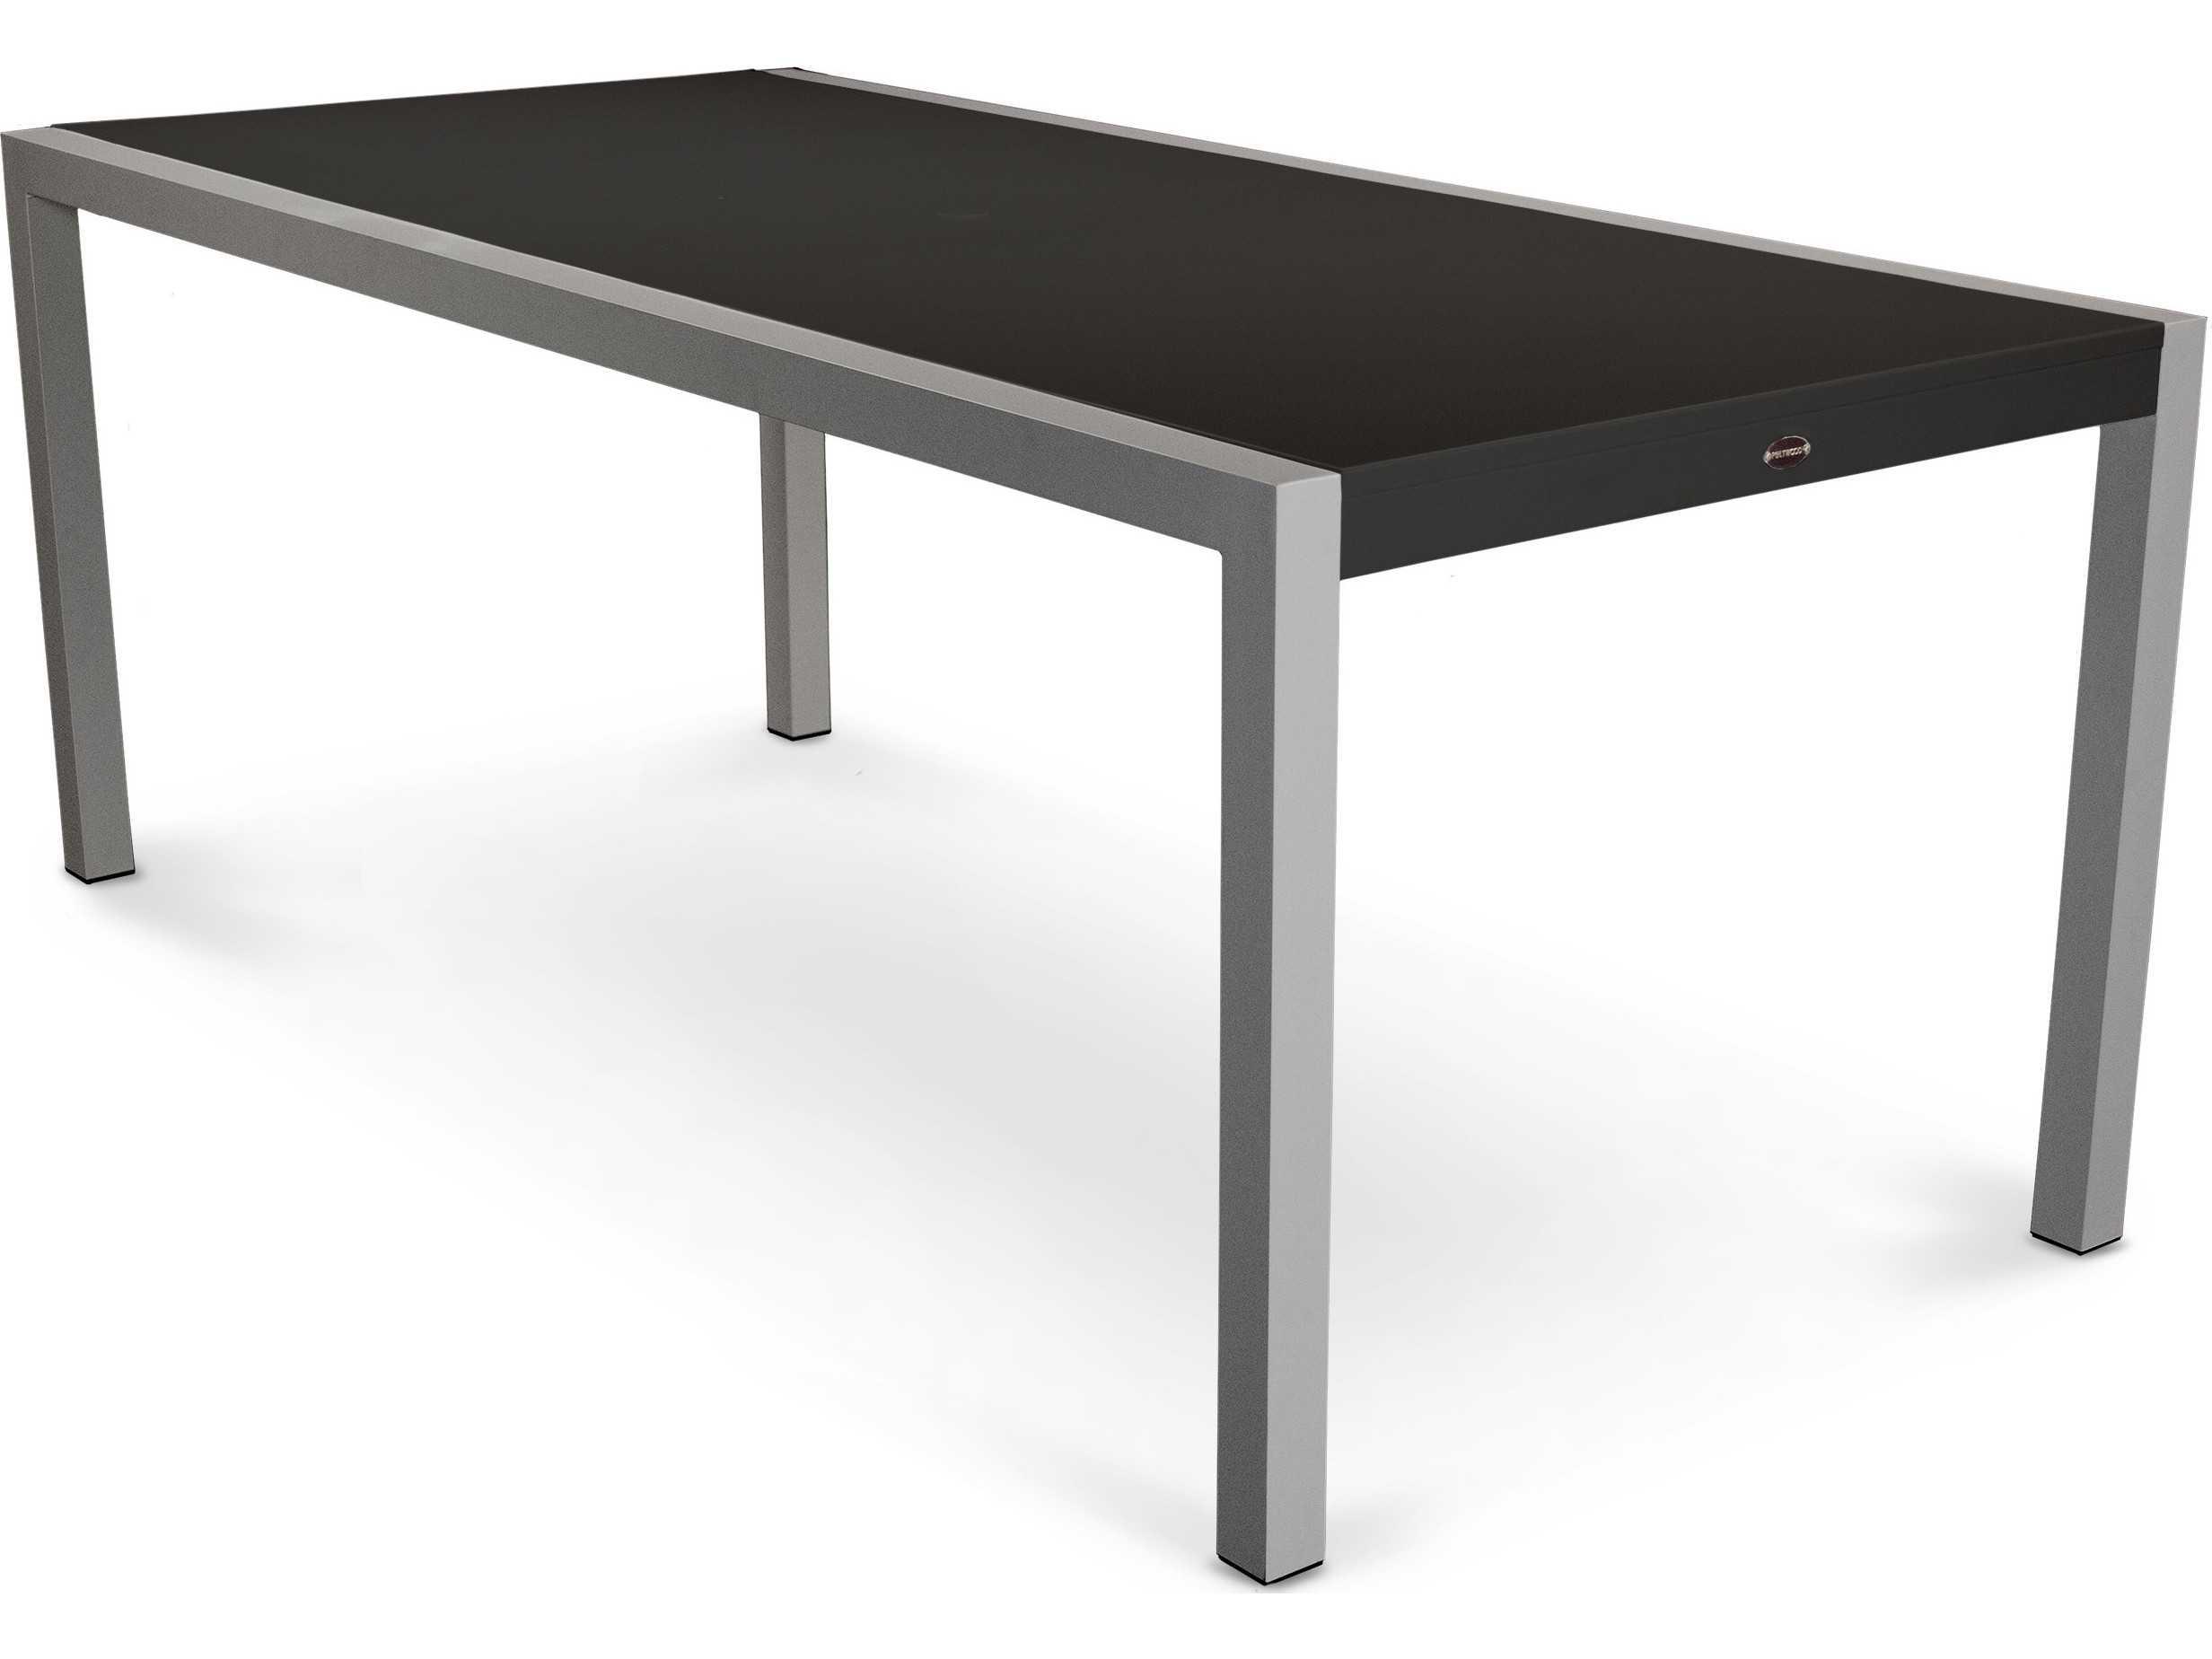 Polywood 174 Mod Aluminum Rectangular Patio Dining Table 8320